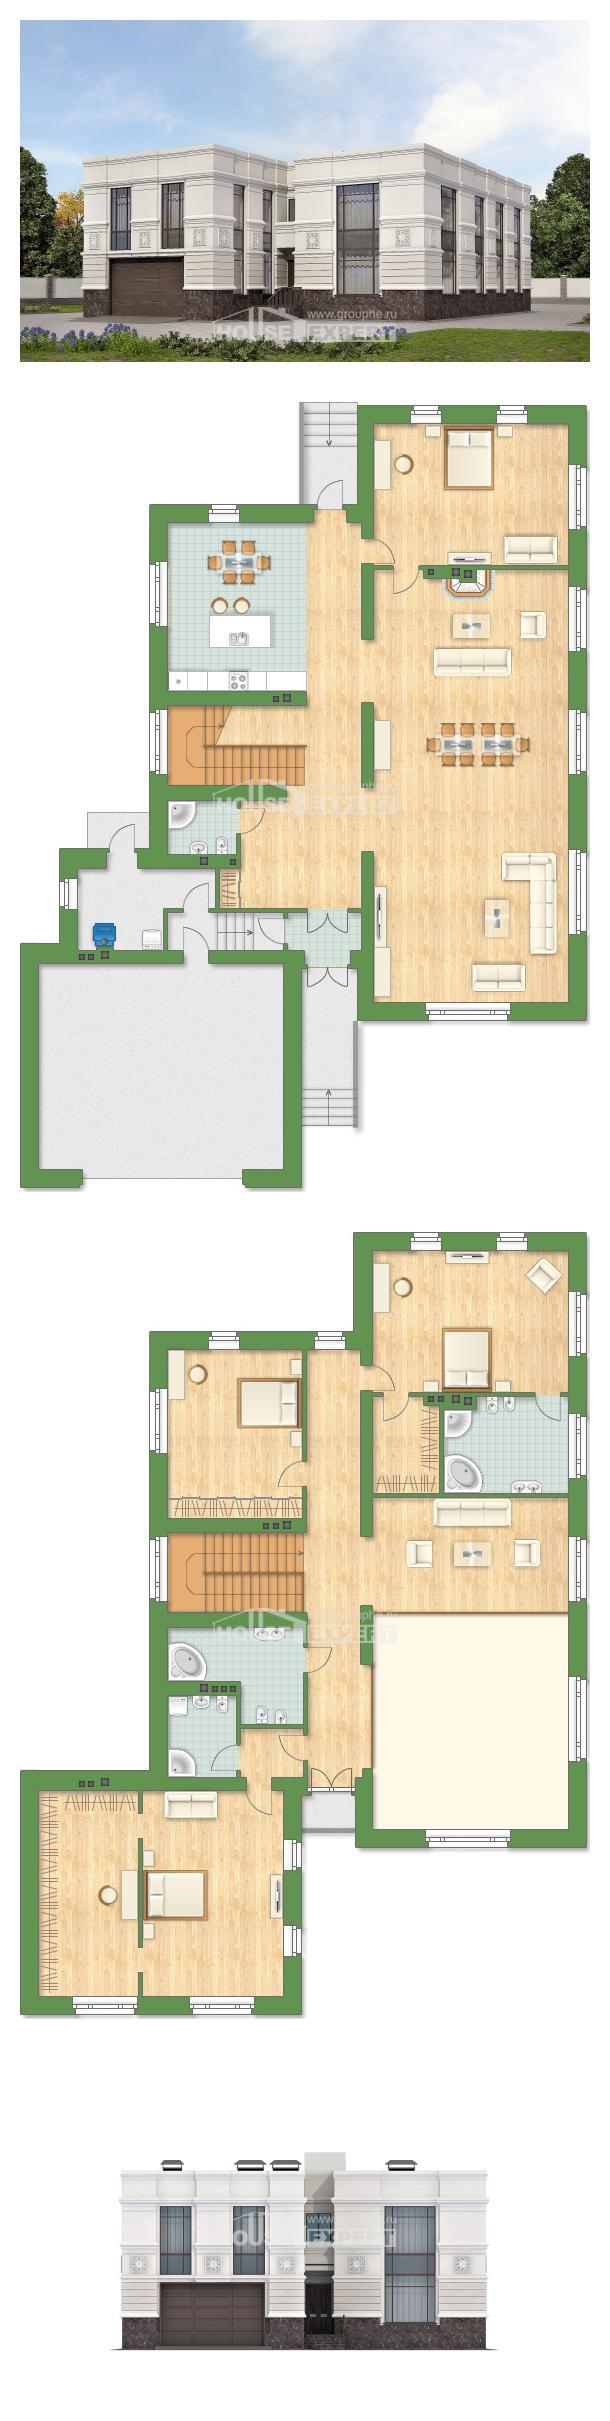 房子的设计 400-005-L | House Expert